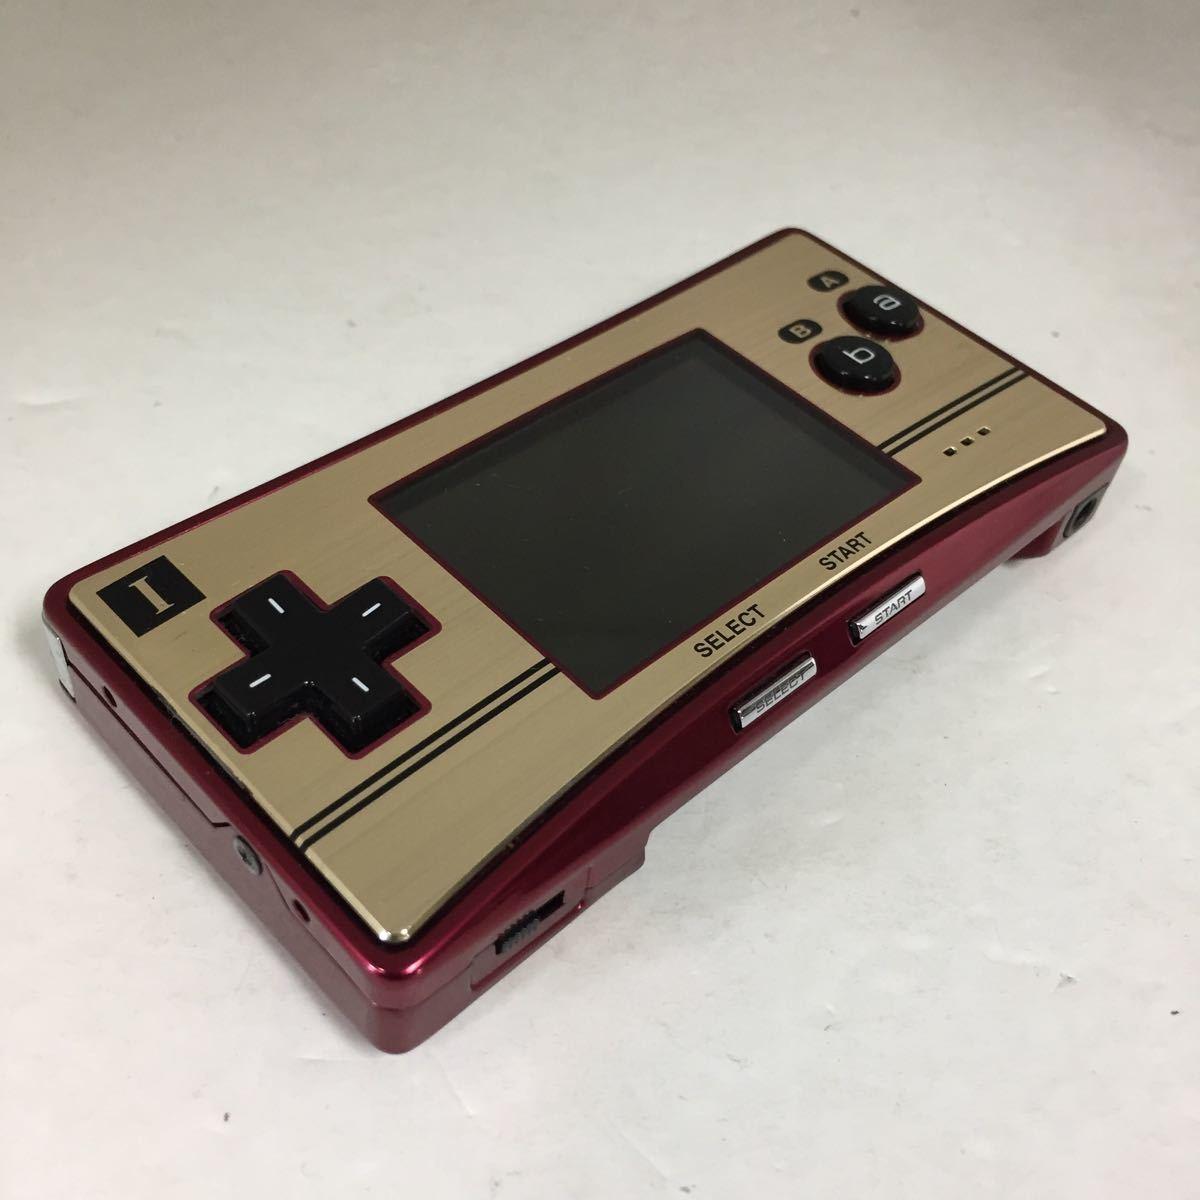 【ジャンク】ゲームボーイミクロ Nintendo ジャンク品 ゲーム機本体 GAMEBOYmicro 任天堂ゲームボーイ 部品取り 修理可能な方_画像2